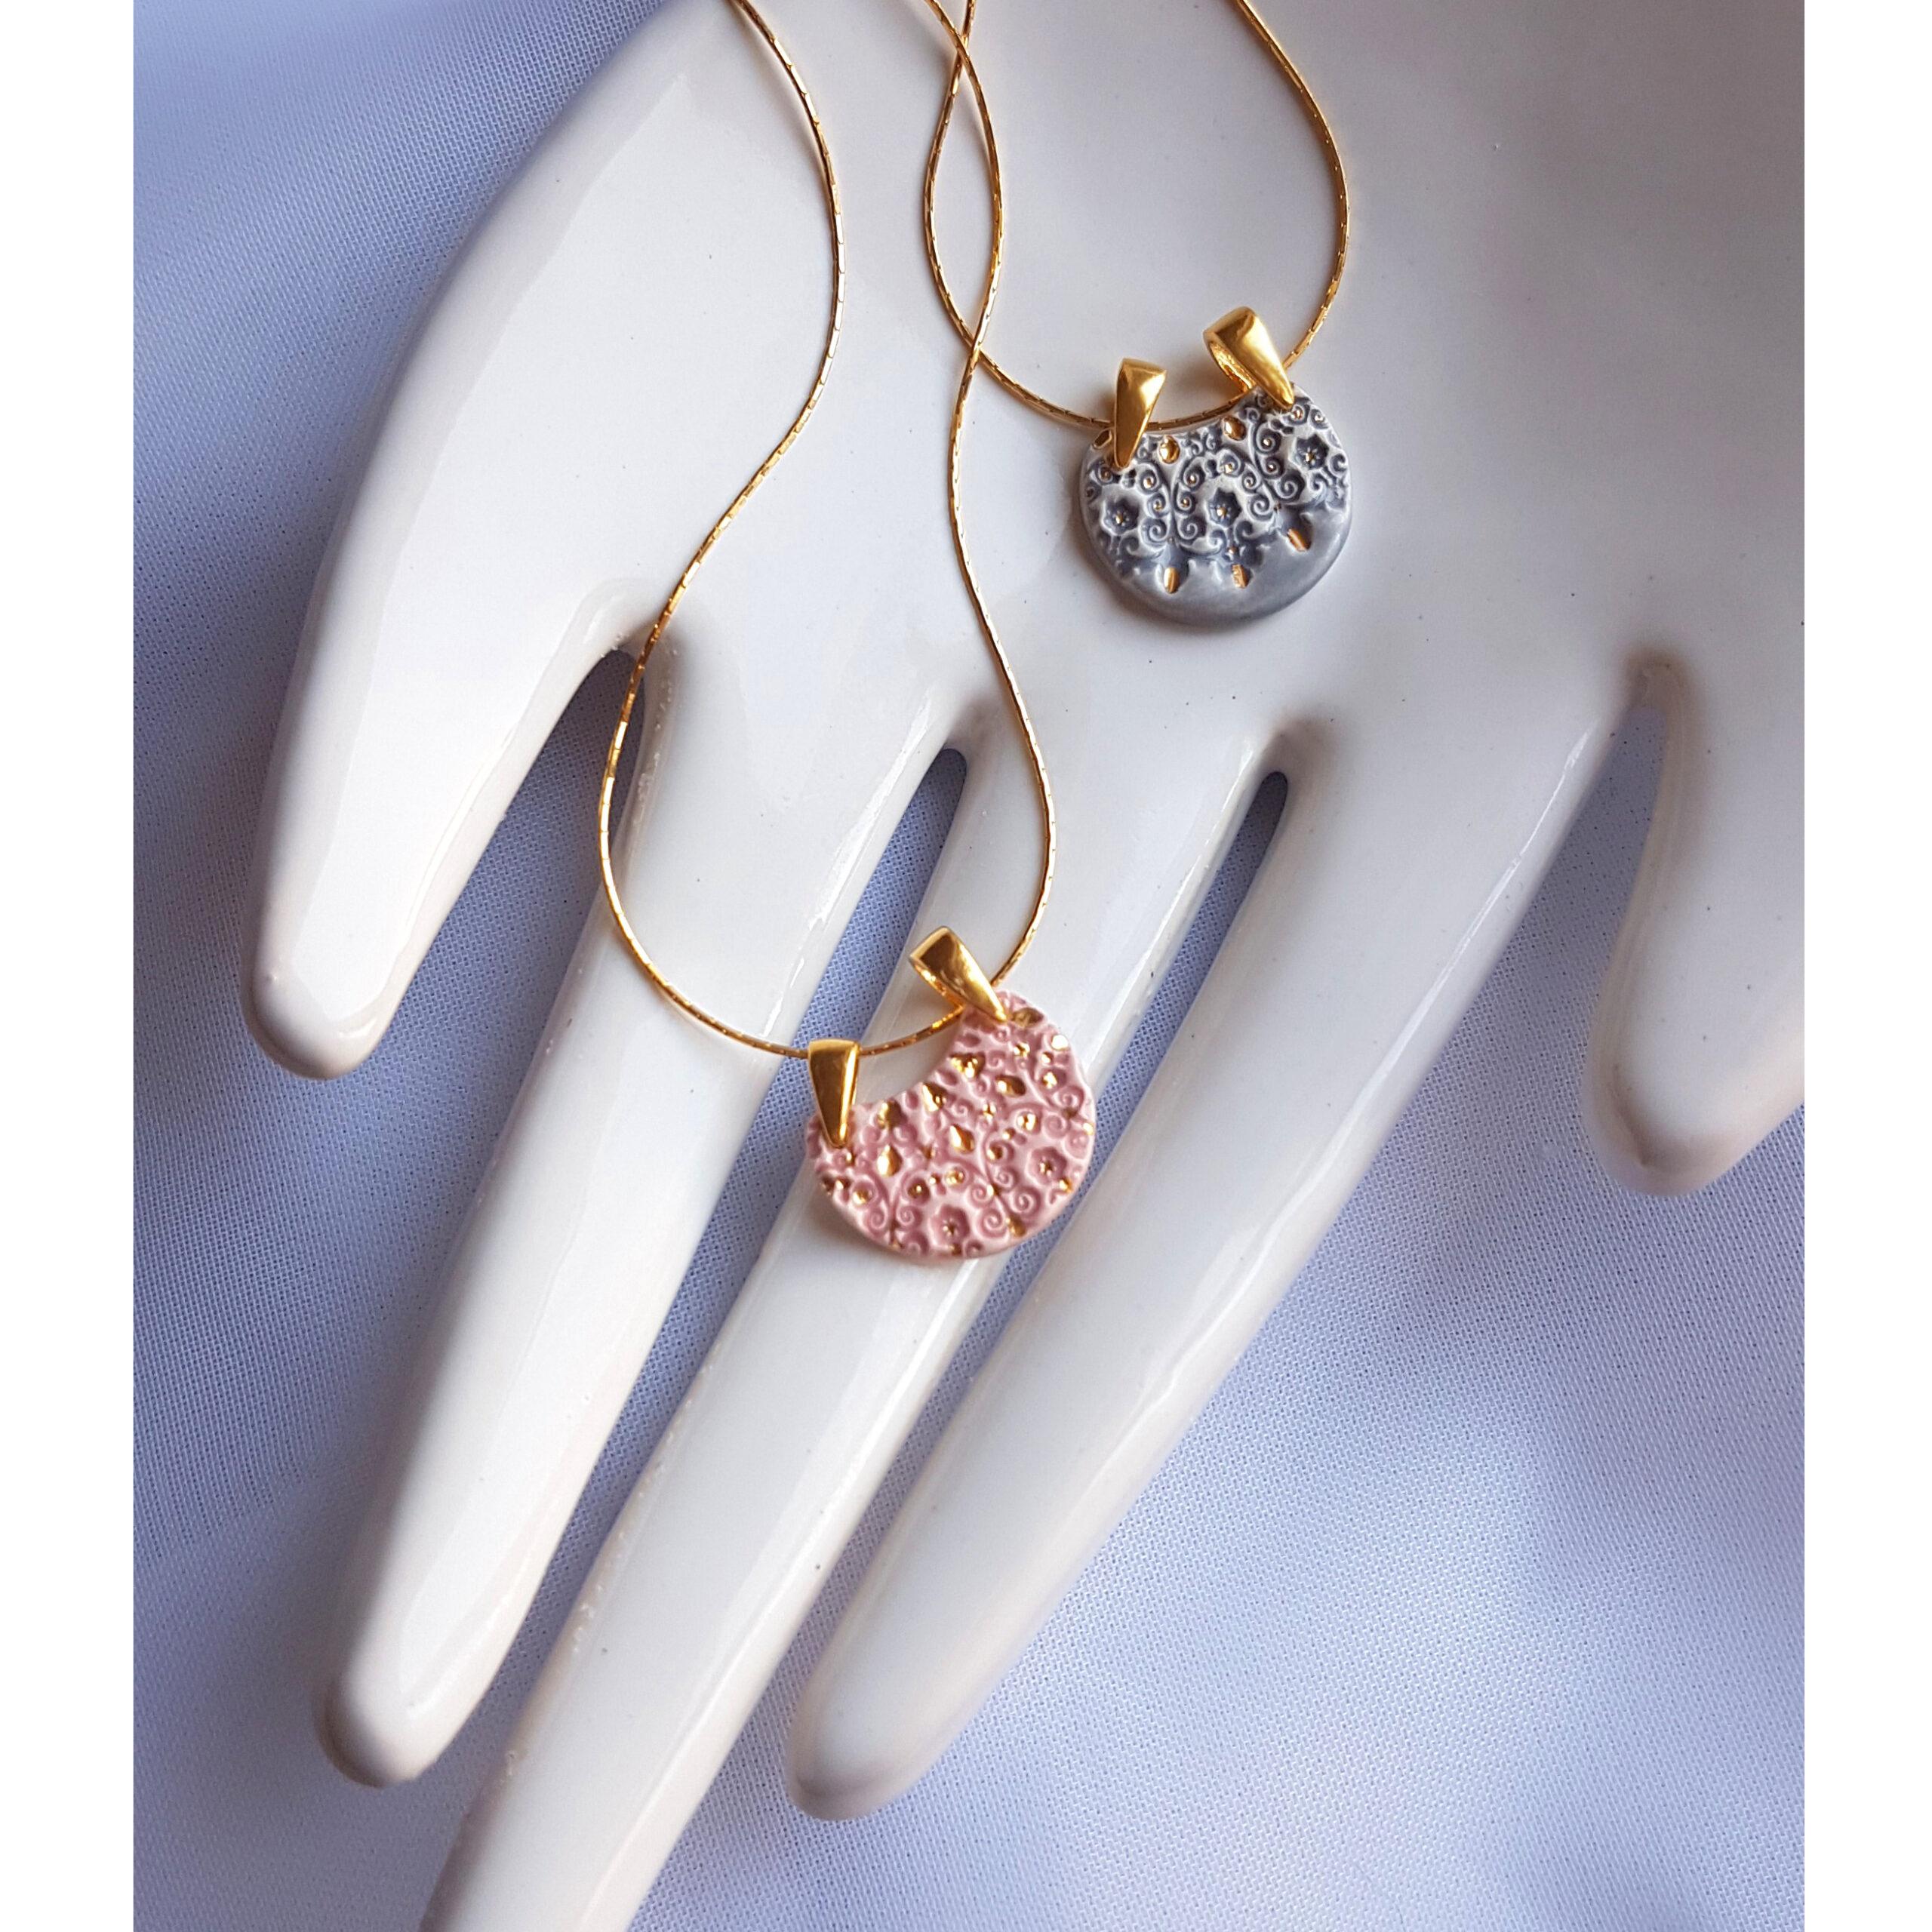 Wybór pojedynczych naszyjników w kształcie półksiężyca – róż / szarość